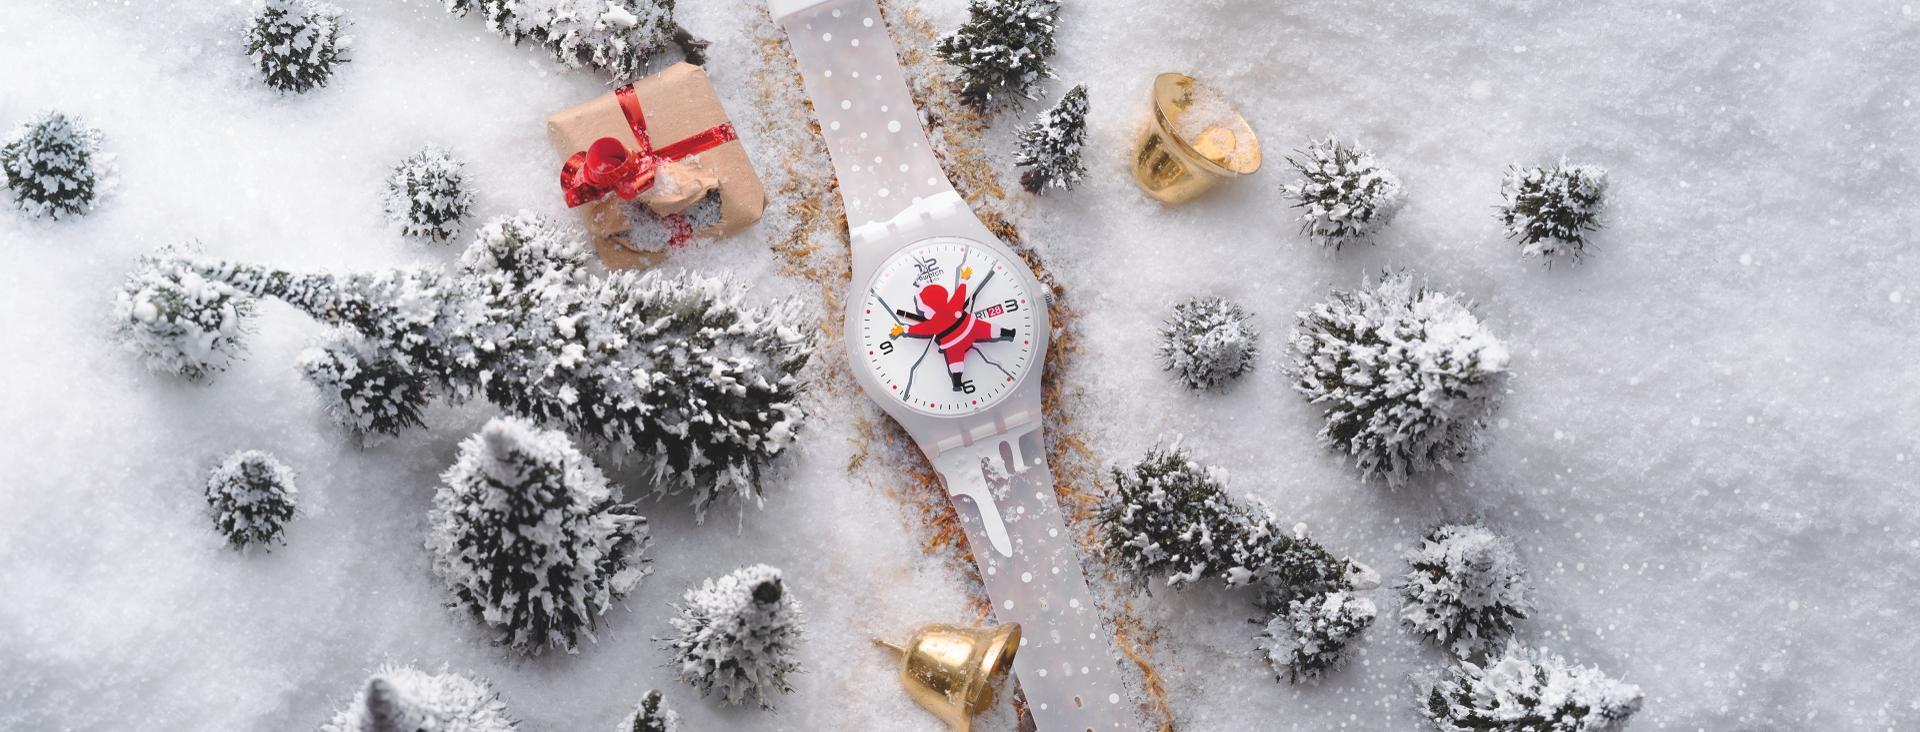 Vánoční kolekce Swatch